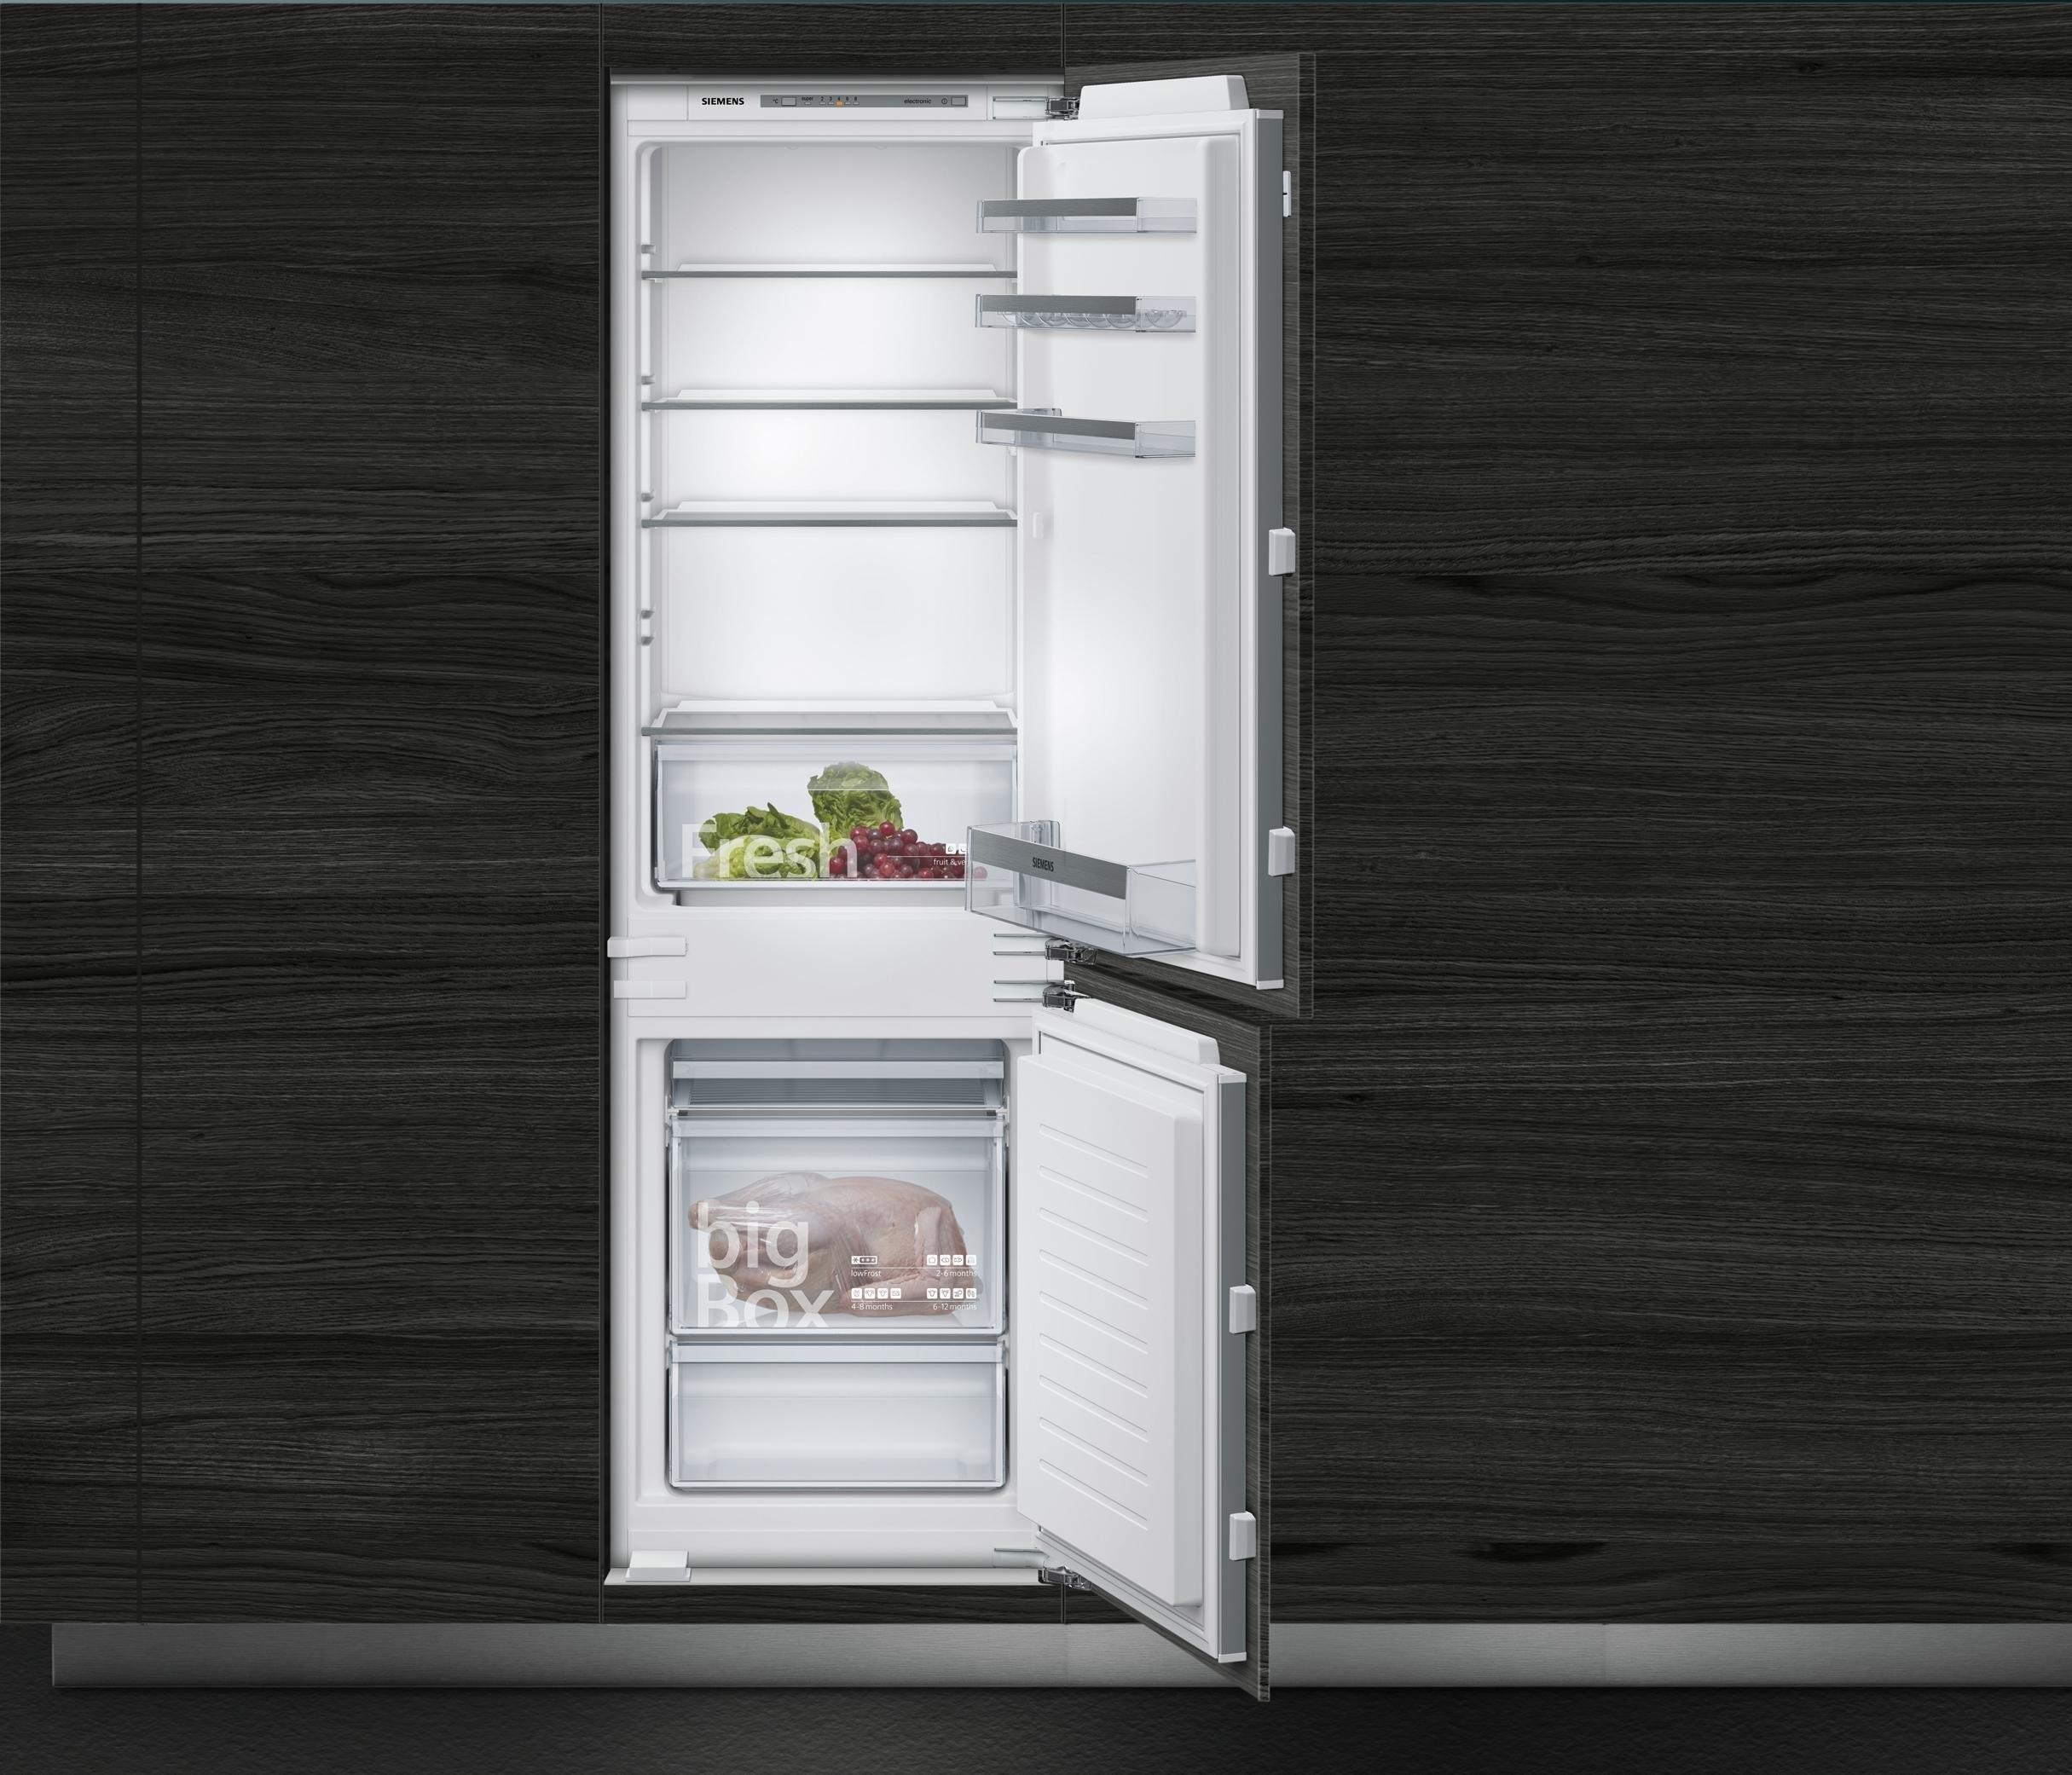 SIEMENS volledig integreerbare inbouw-koel-vriescombinatie KI87VVS30, A++, 177,2 cm hoog in de webshop van OTTO kopen